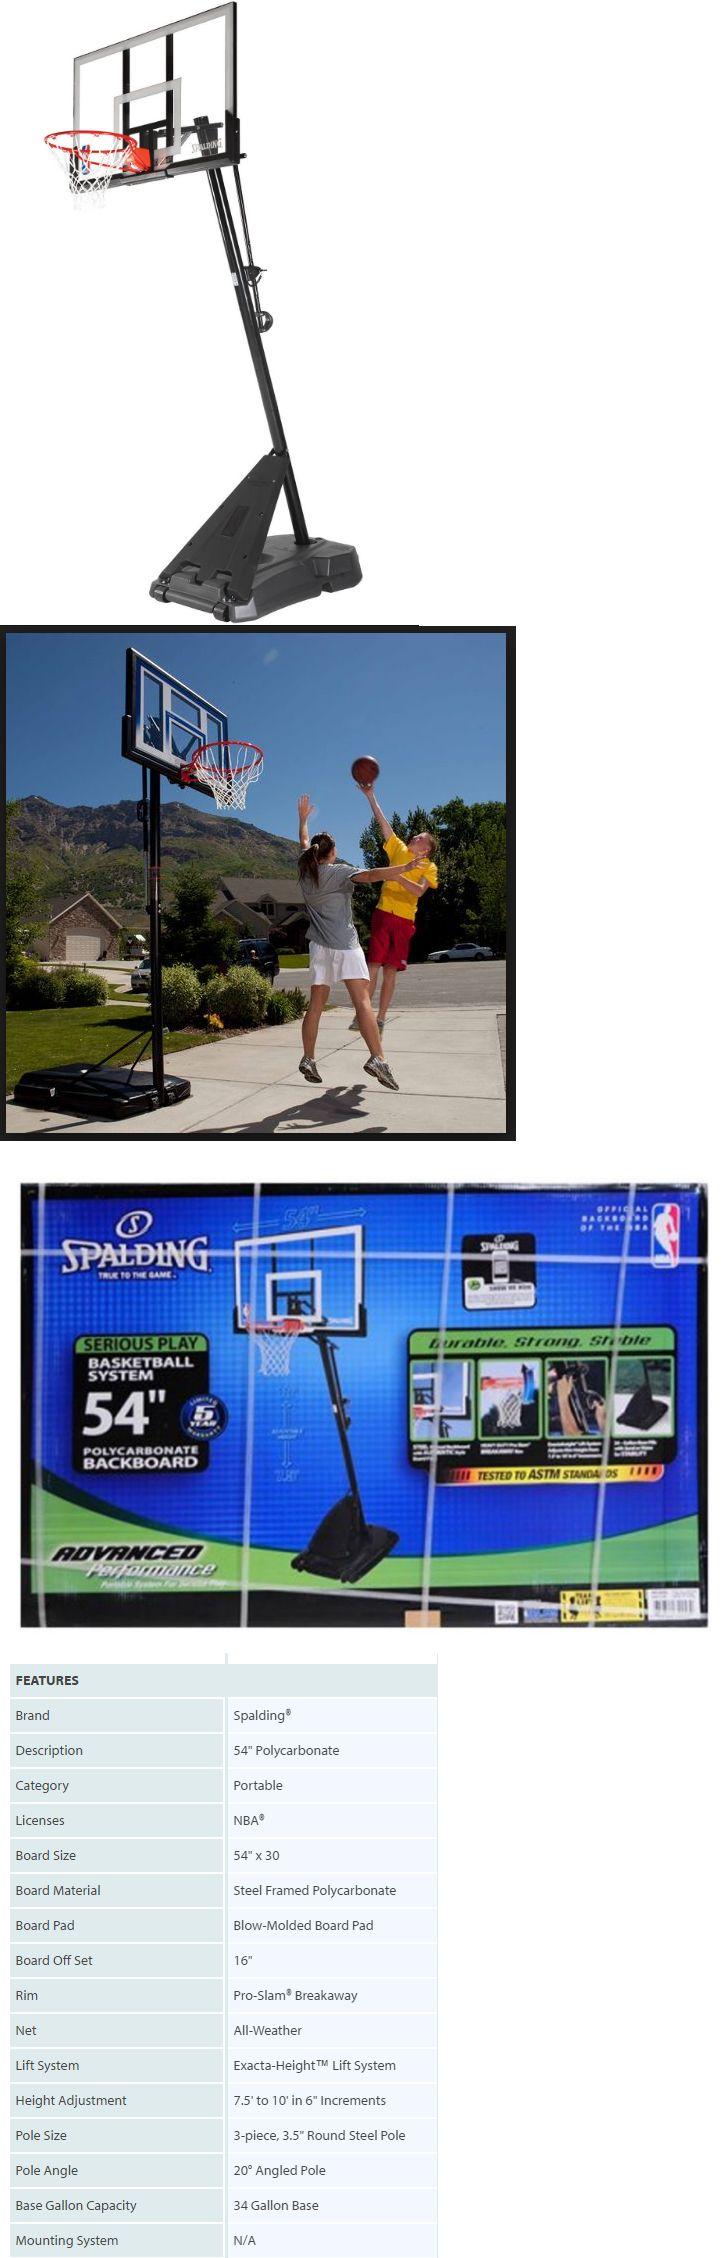 Backboard Systems 21196: Spalding 54 Portable Basketball Hoop Adjustable Height Pole Backboard Net -> BUY IT NOW ONLY: $246.67 on eBay!